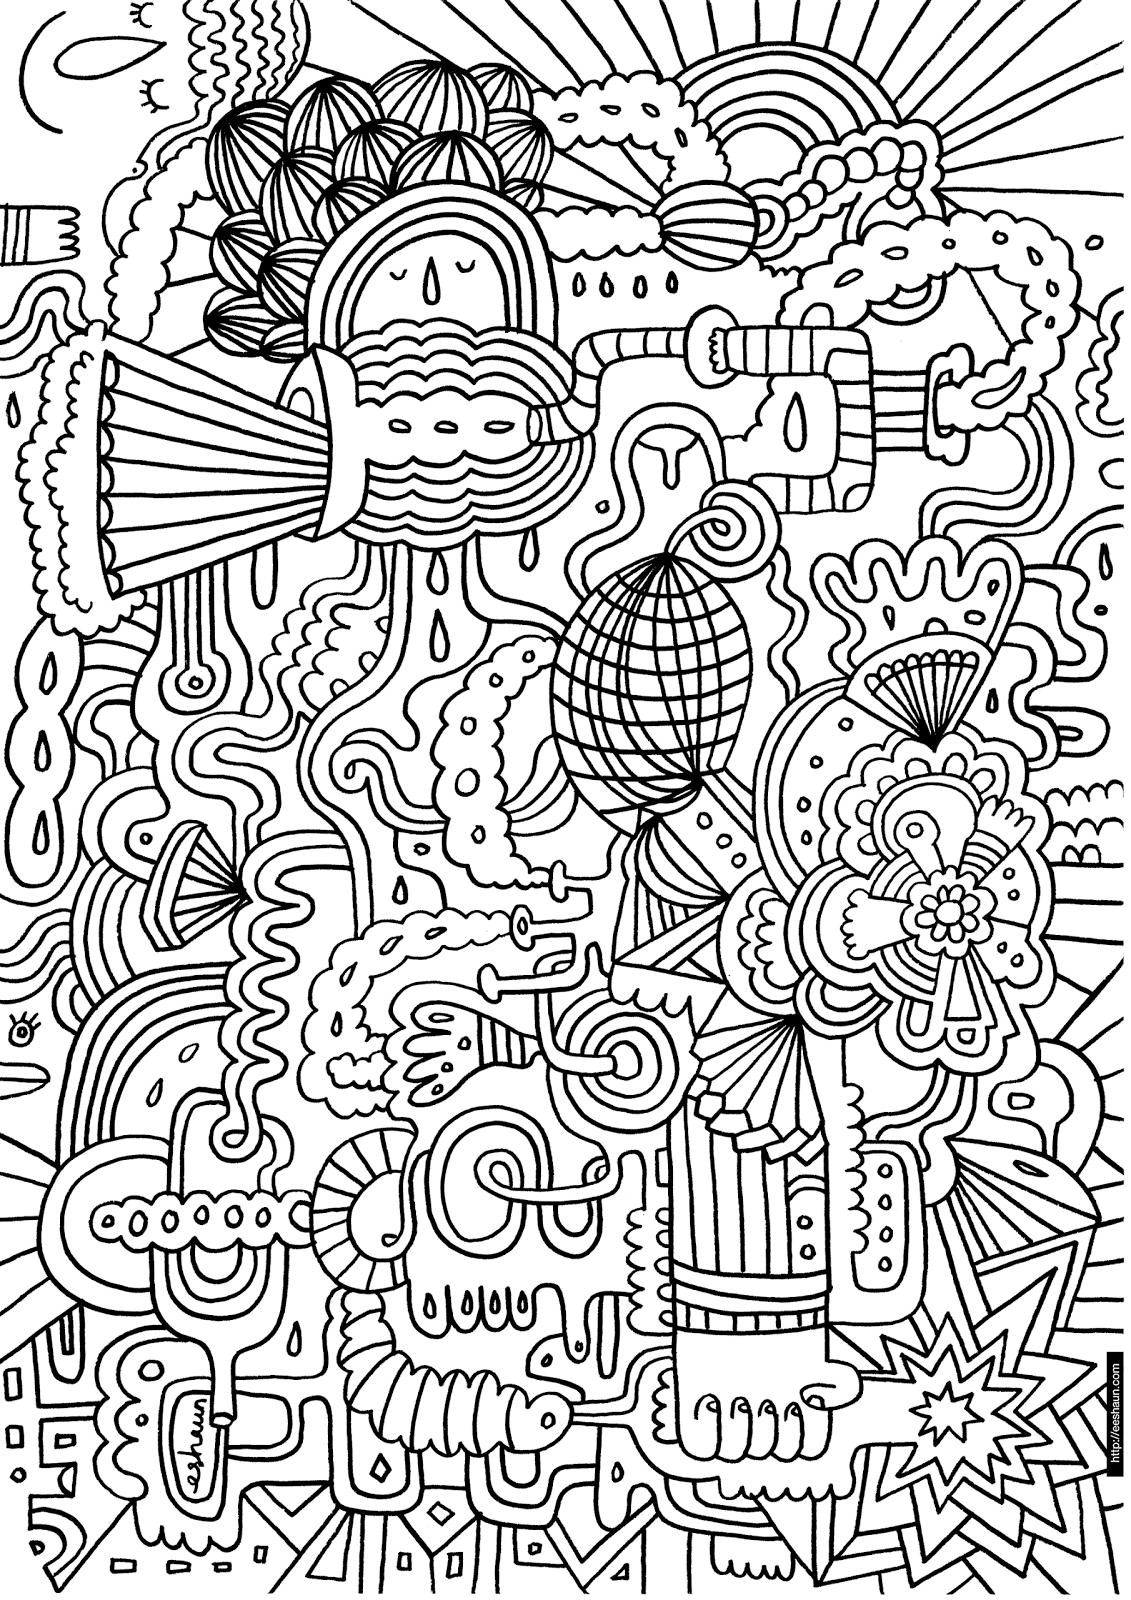 Unique Abstract Coloring Pages : Unique cool abstract coloring pages free